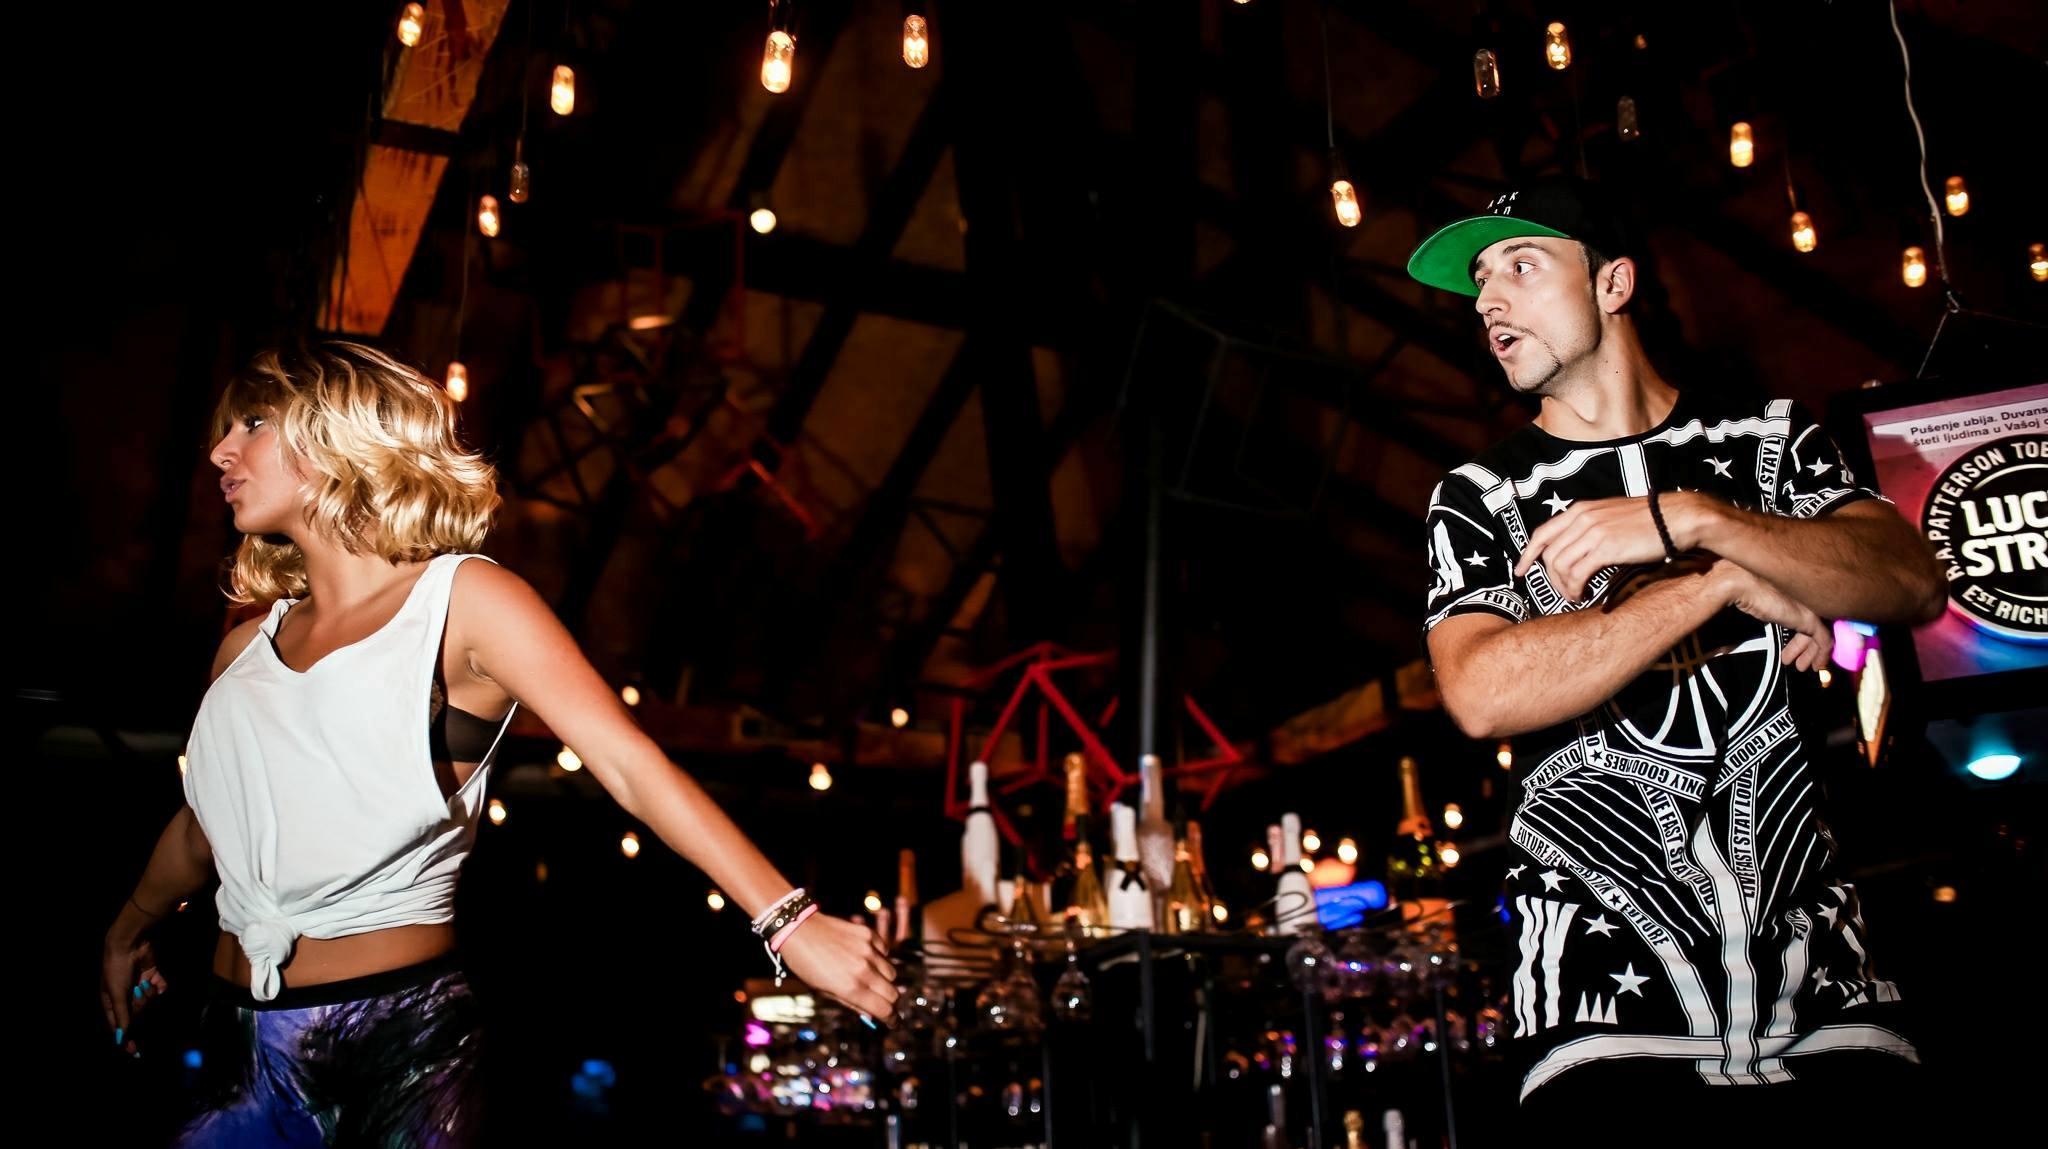 R'n'B Wednesdays at club Shake 'n' Shake